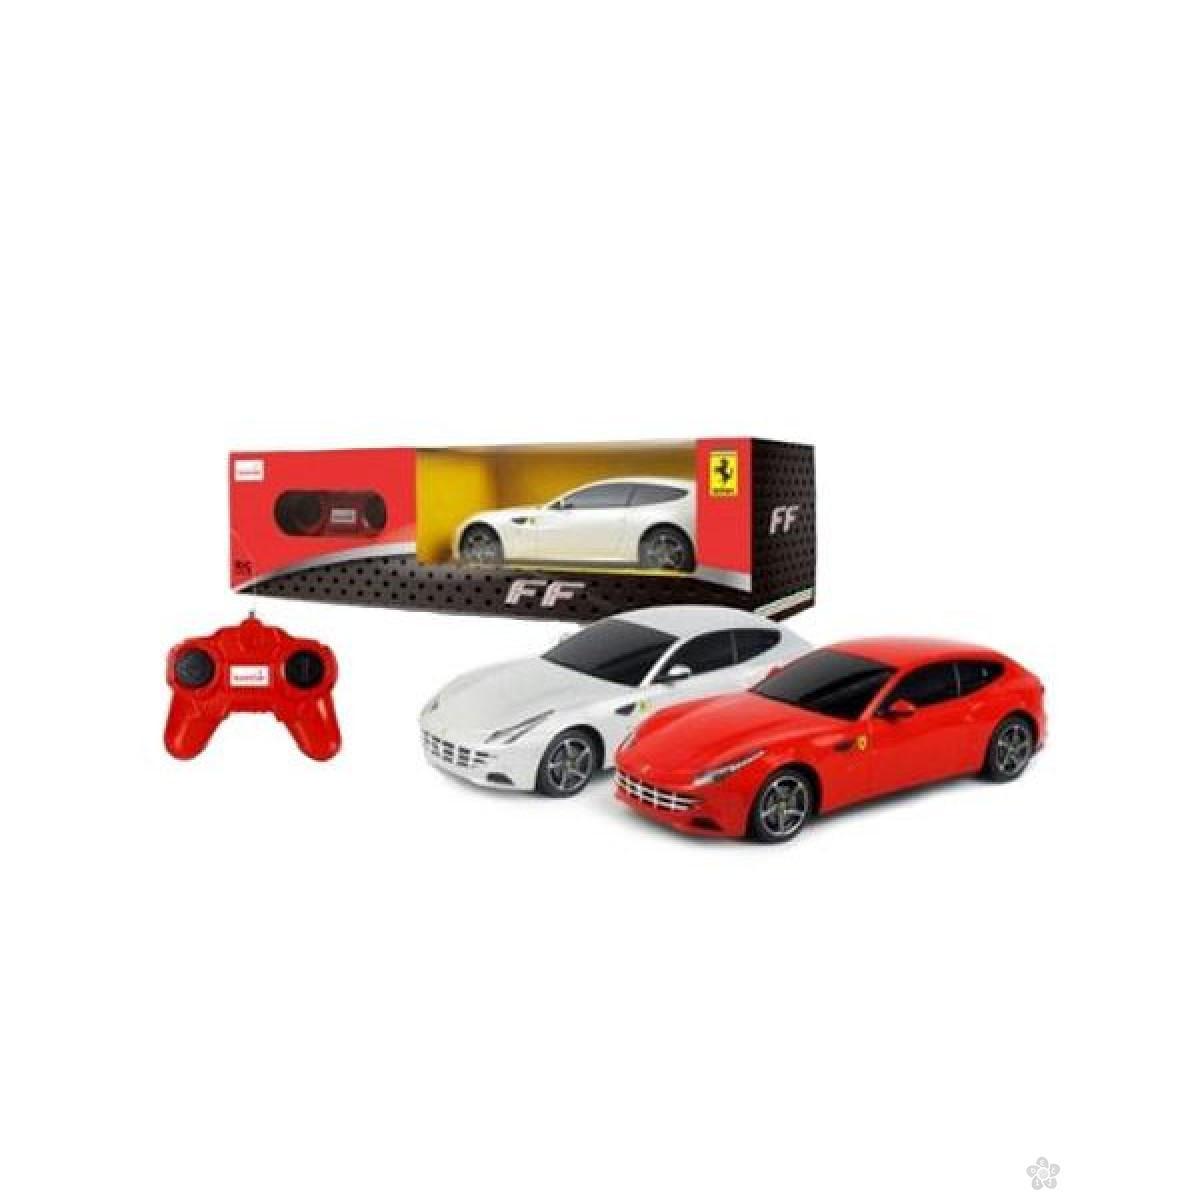 Rastar R/C Ferrari FF 1:24, R46700